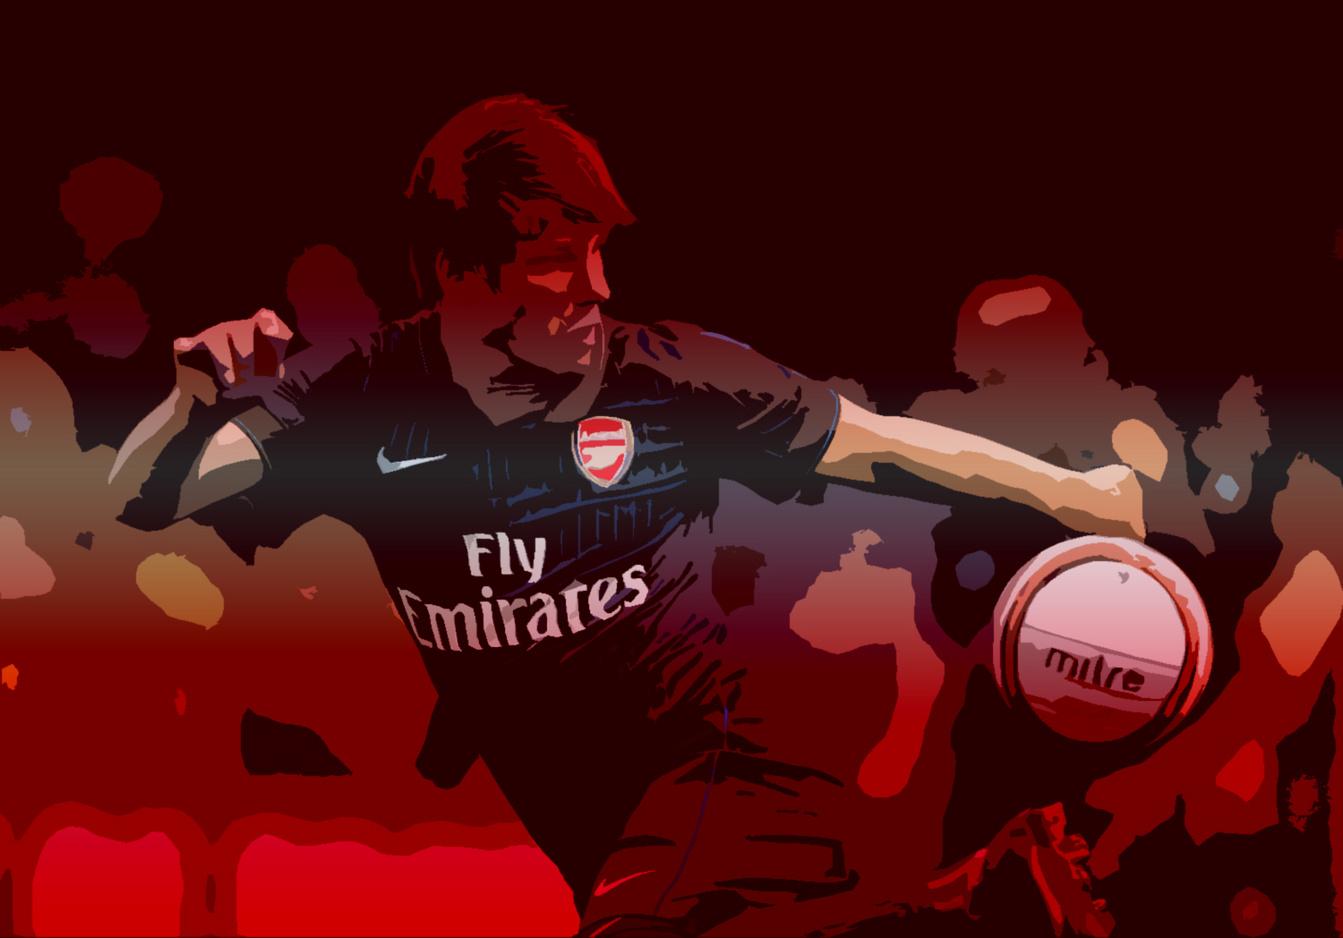 Andrey Arshavin 720p Wallpaper   Football Wallpaper HD Football 1343x938